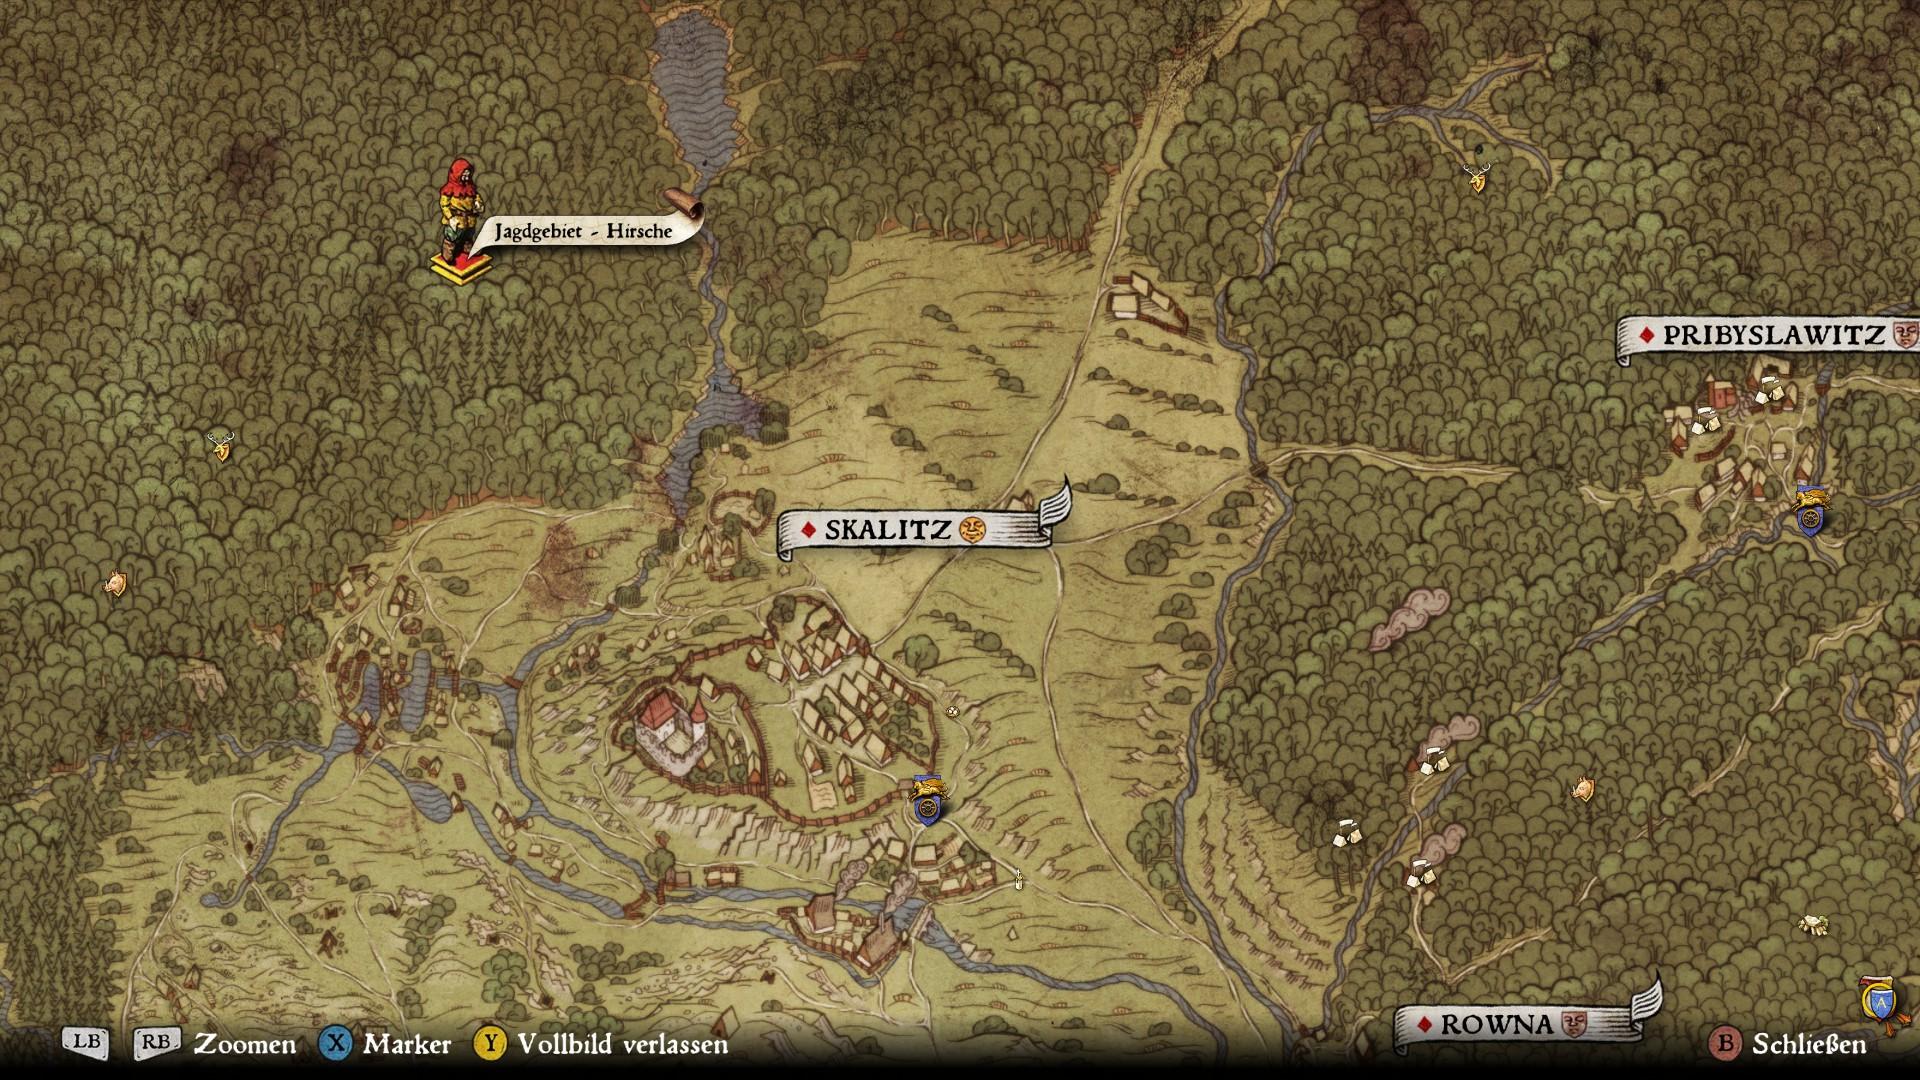 Kingdom Come Deliverance Karte Mit Allen Schätzen.Steam Community Guide Alle Fundorte Der Schätze Loot 30